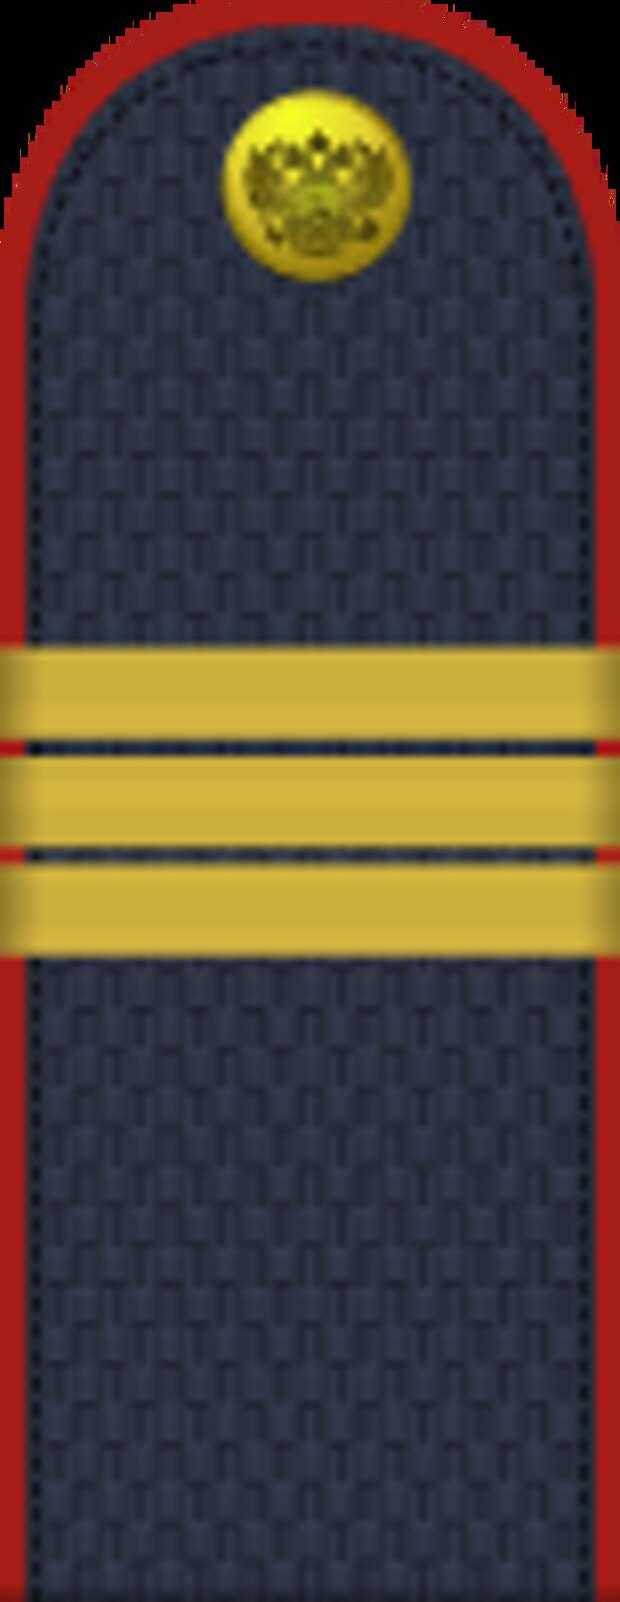 Интервью с Венерой или Подвиг сержанта полиции